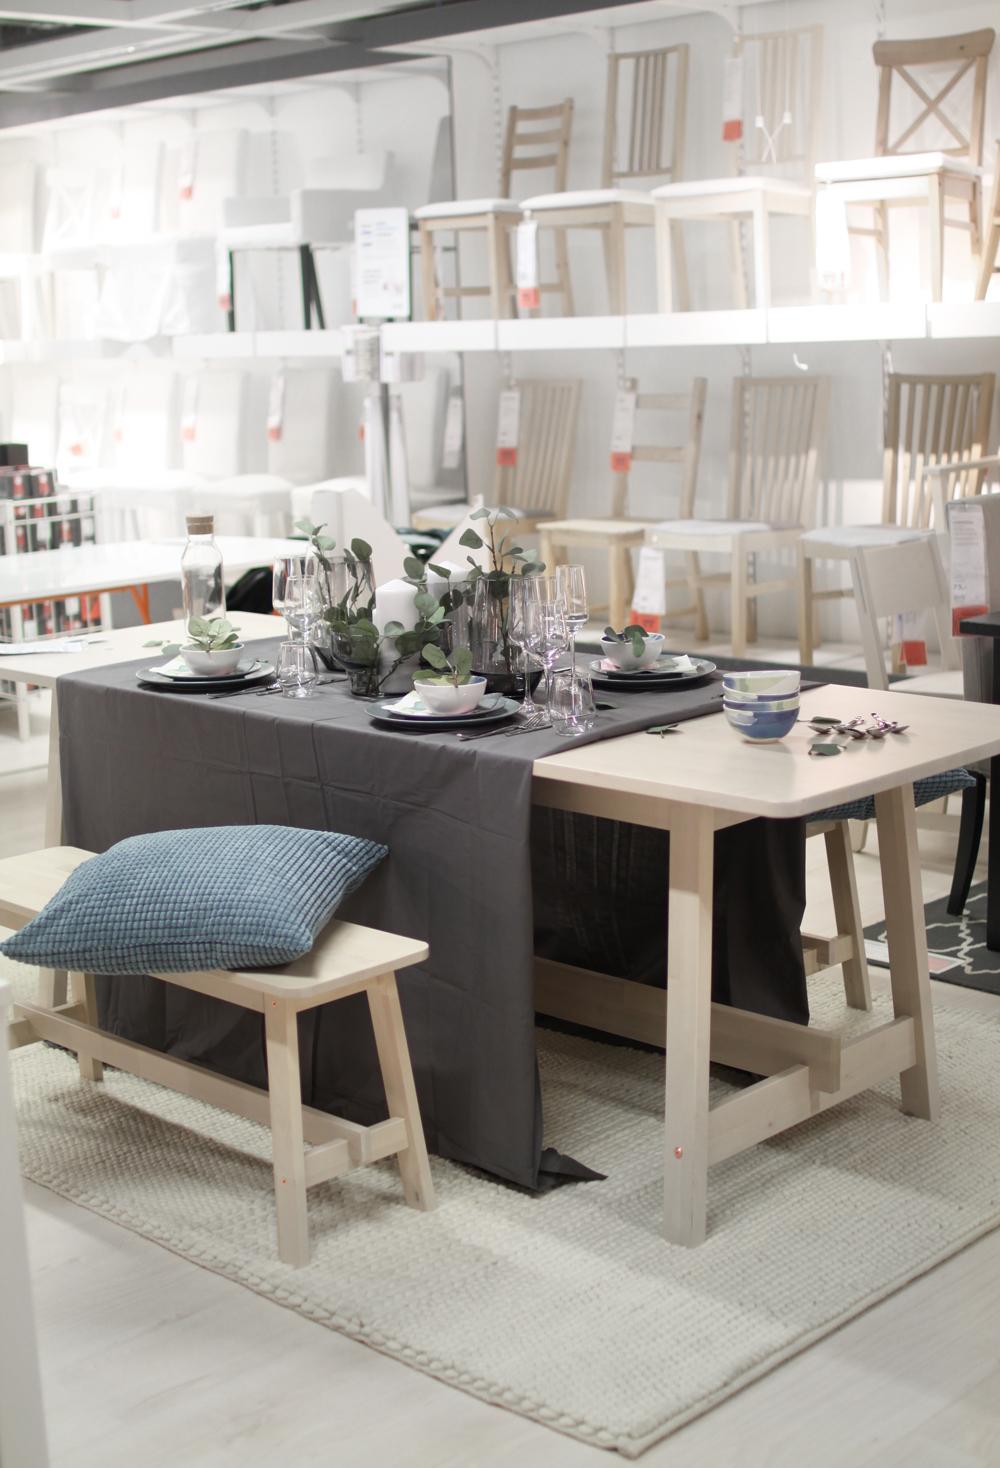 IKEA_KATTAUSIMG_2179